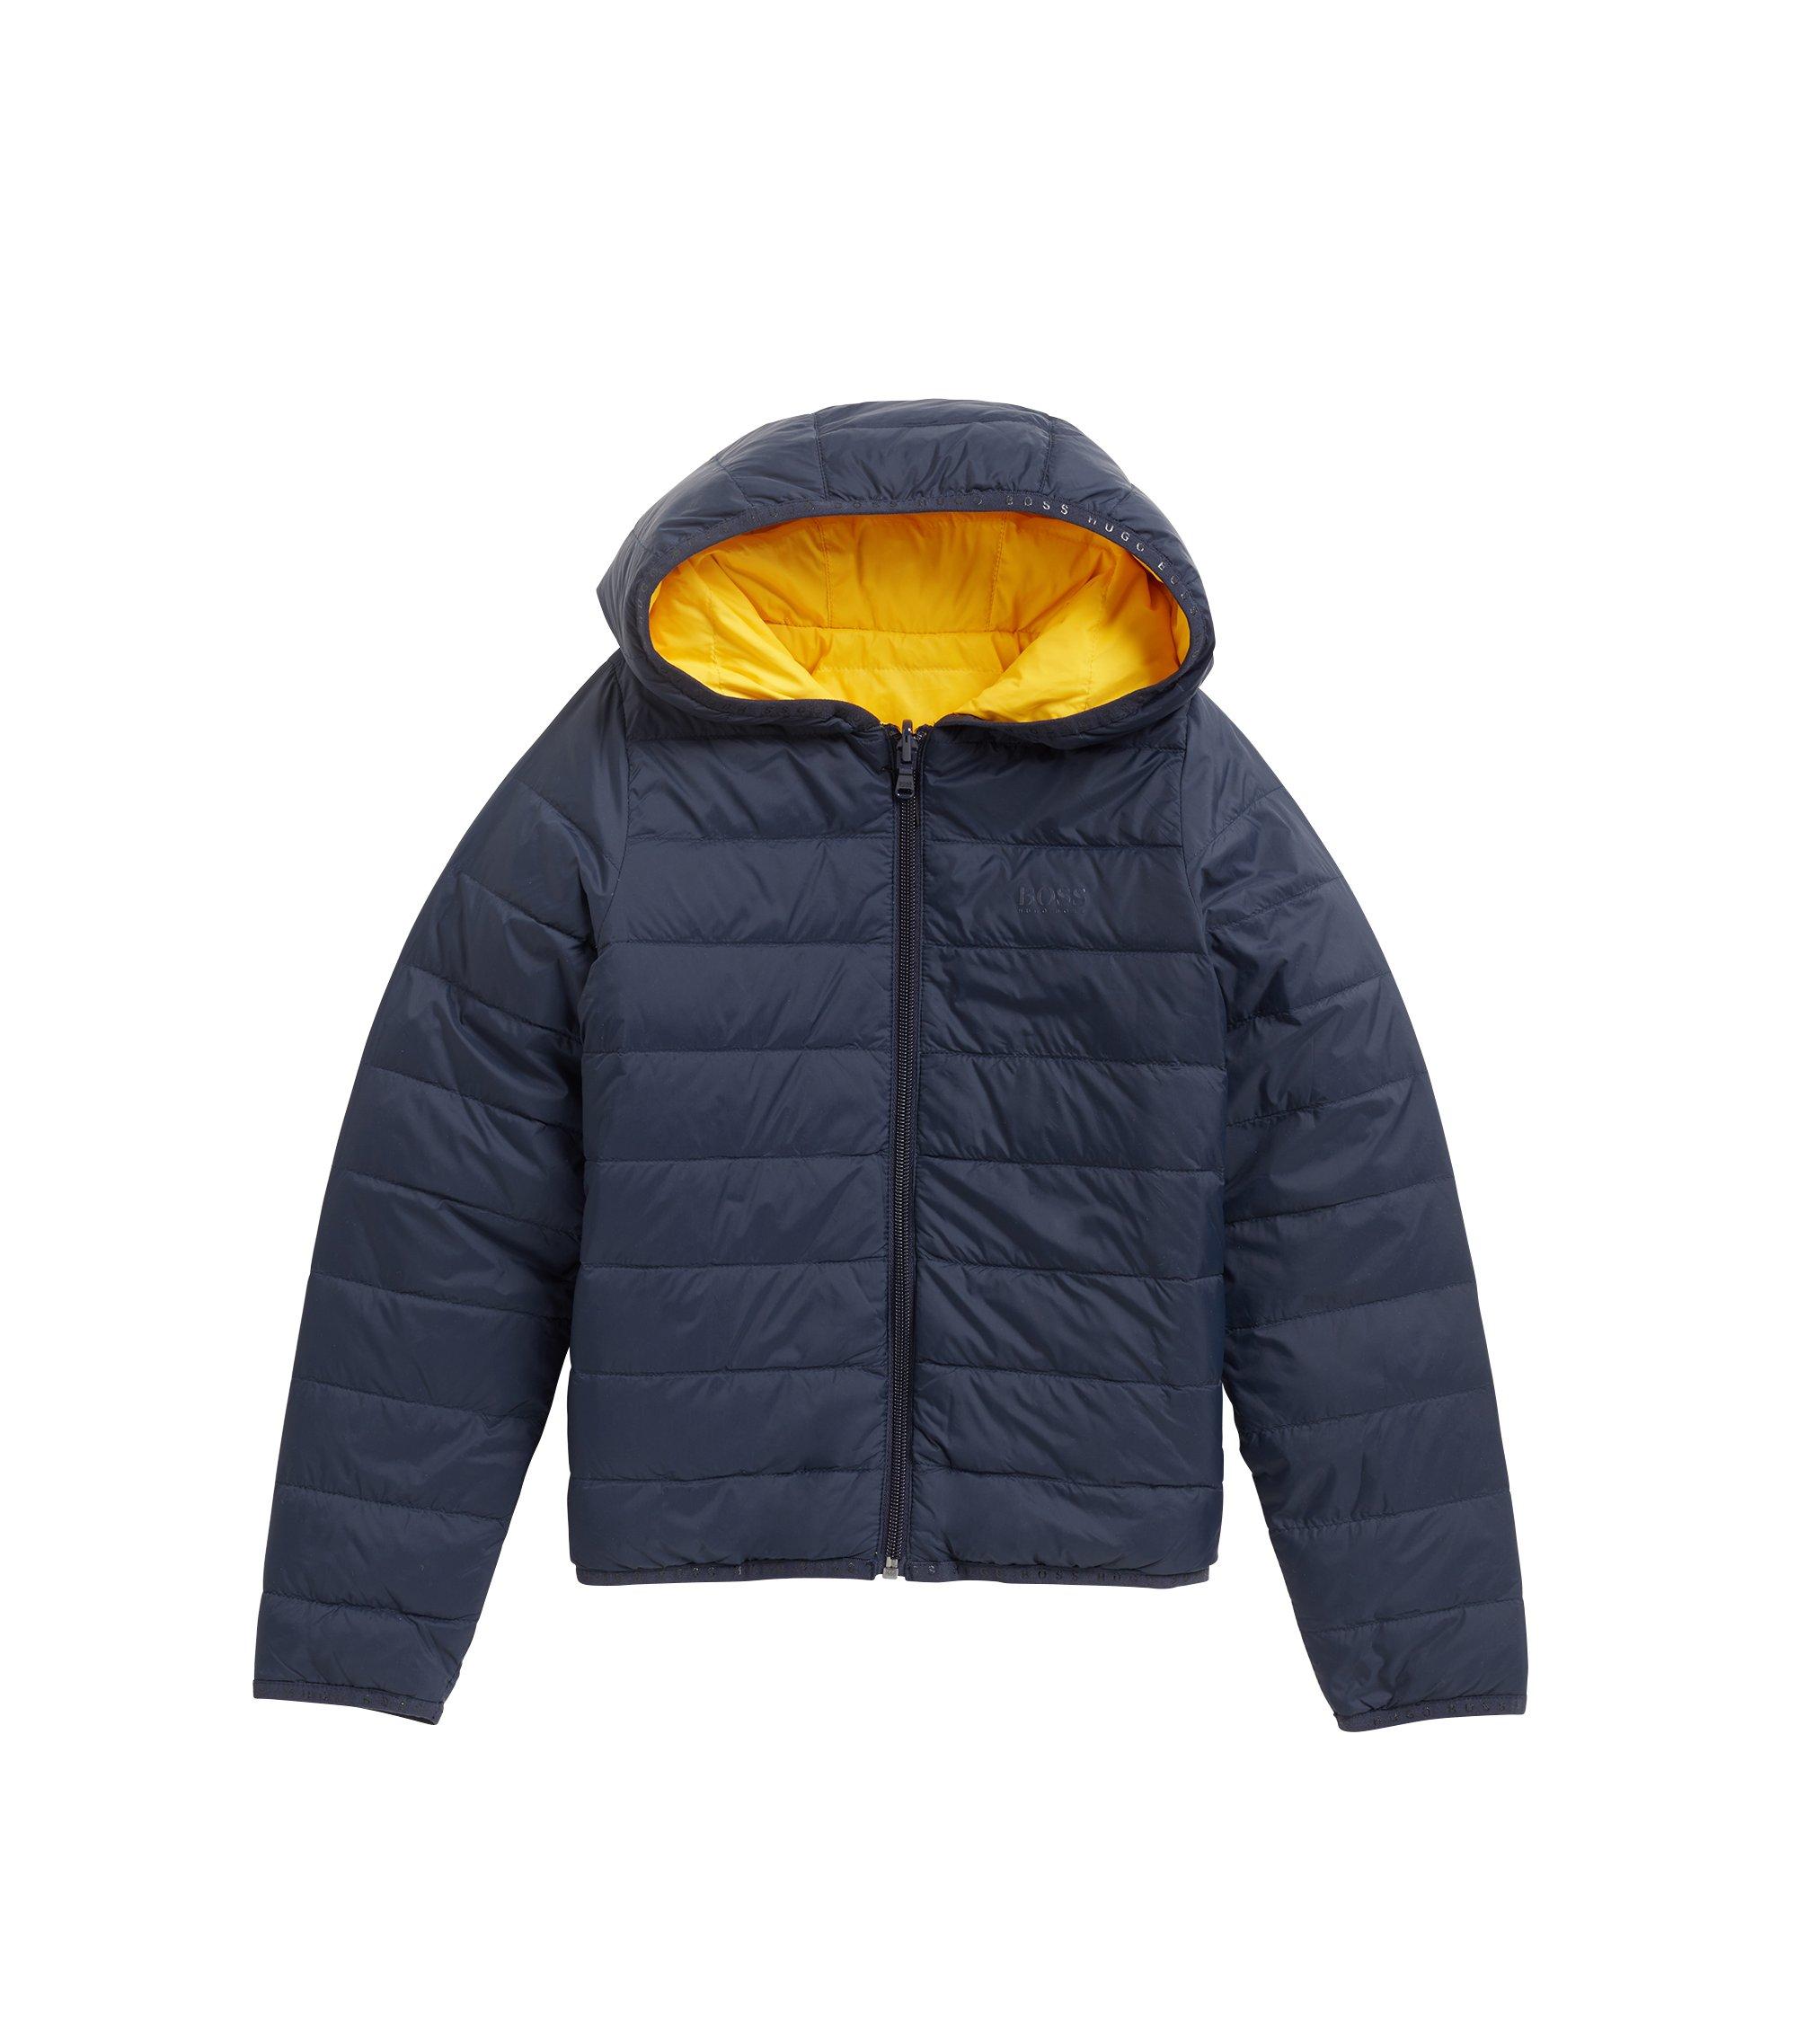 Doudoune pour enfant réversible à capuche, Bleu foncé